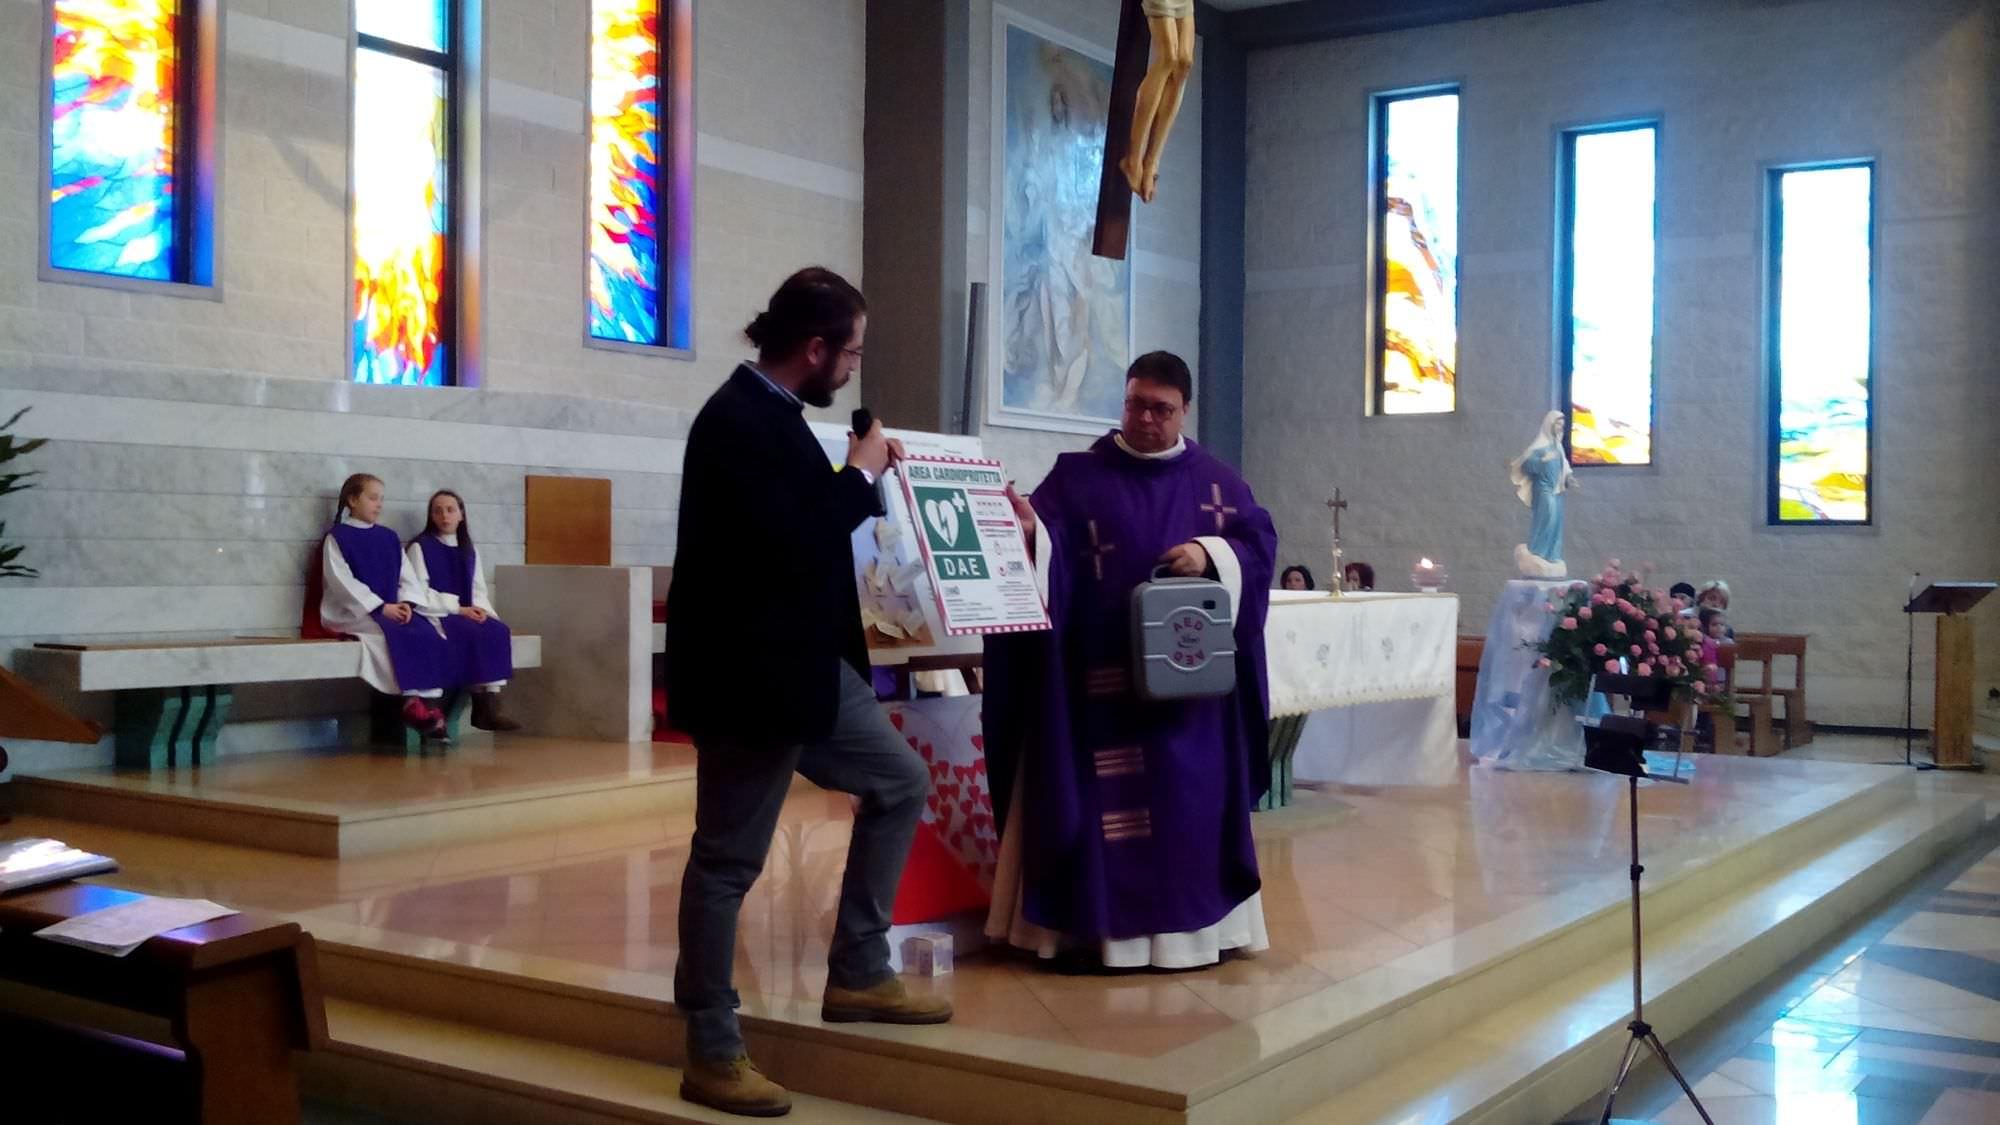 L'associazione Urano dona un defibrillatore alla parrocchia di Santa Rita